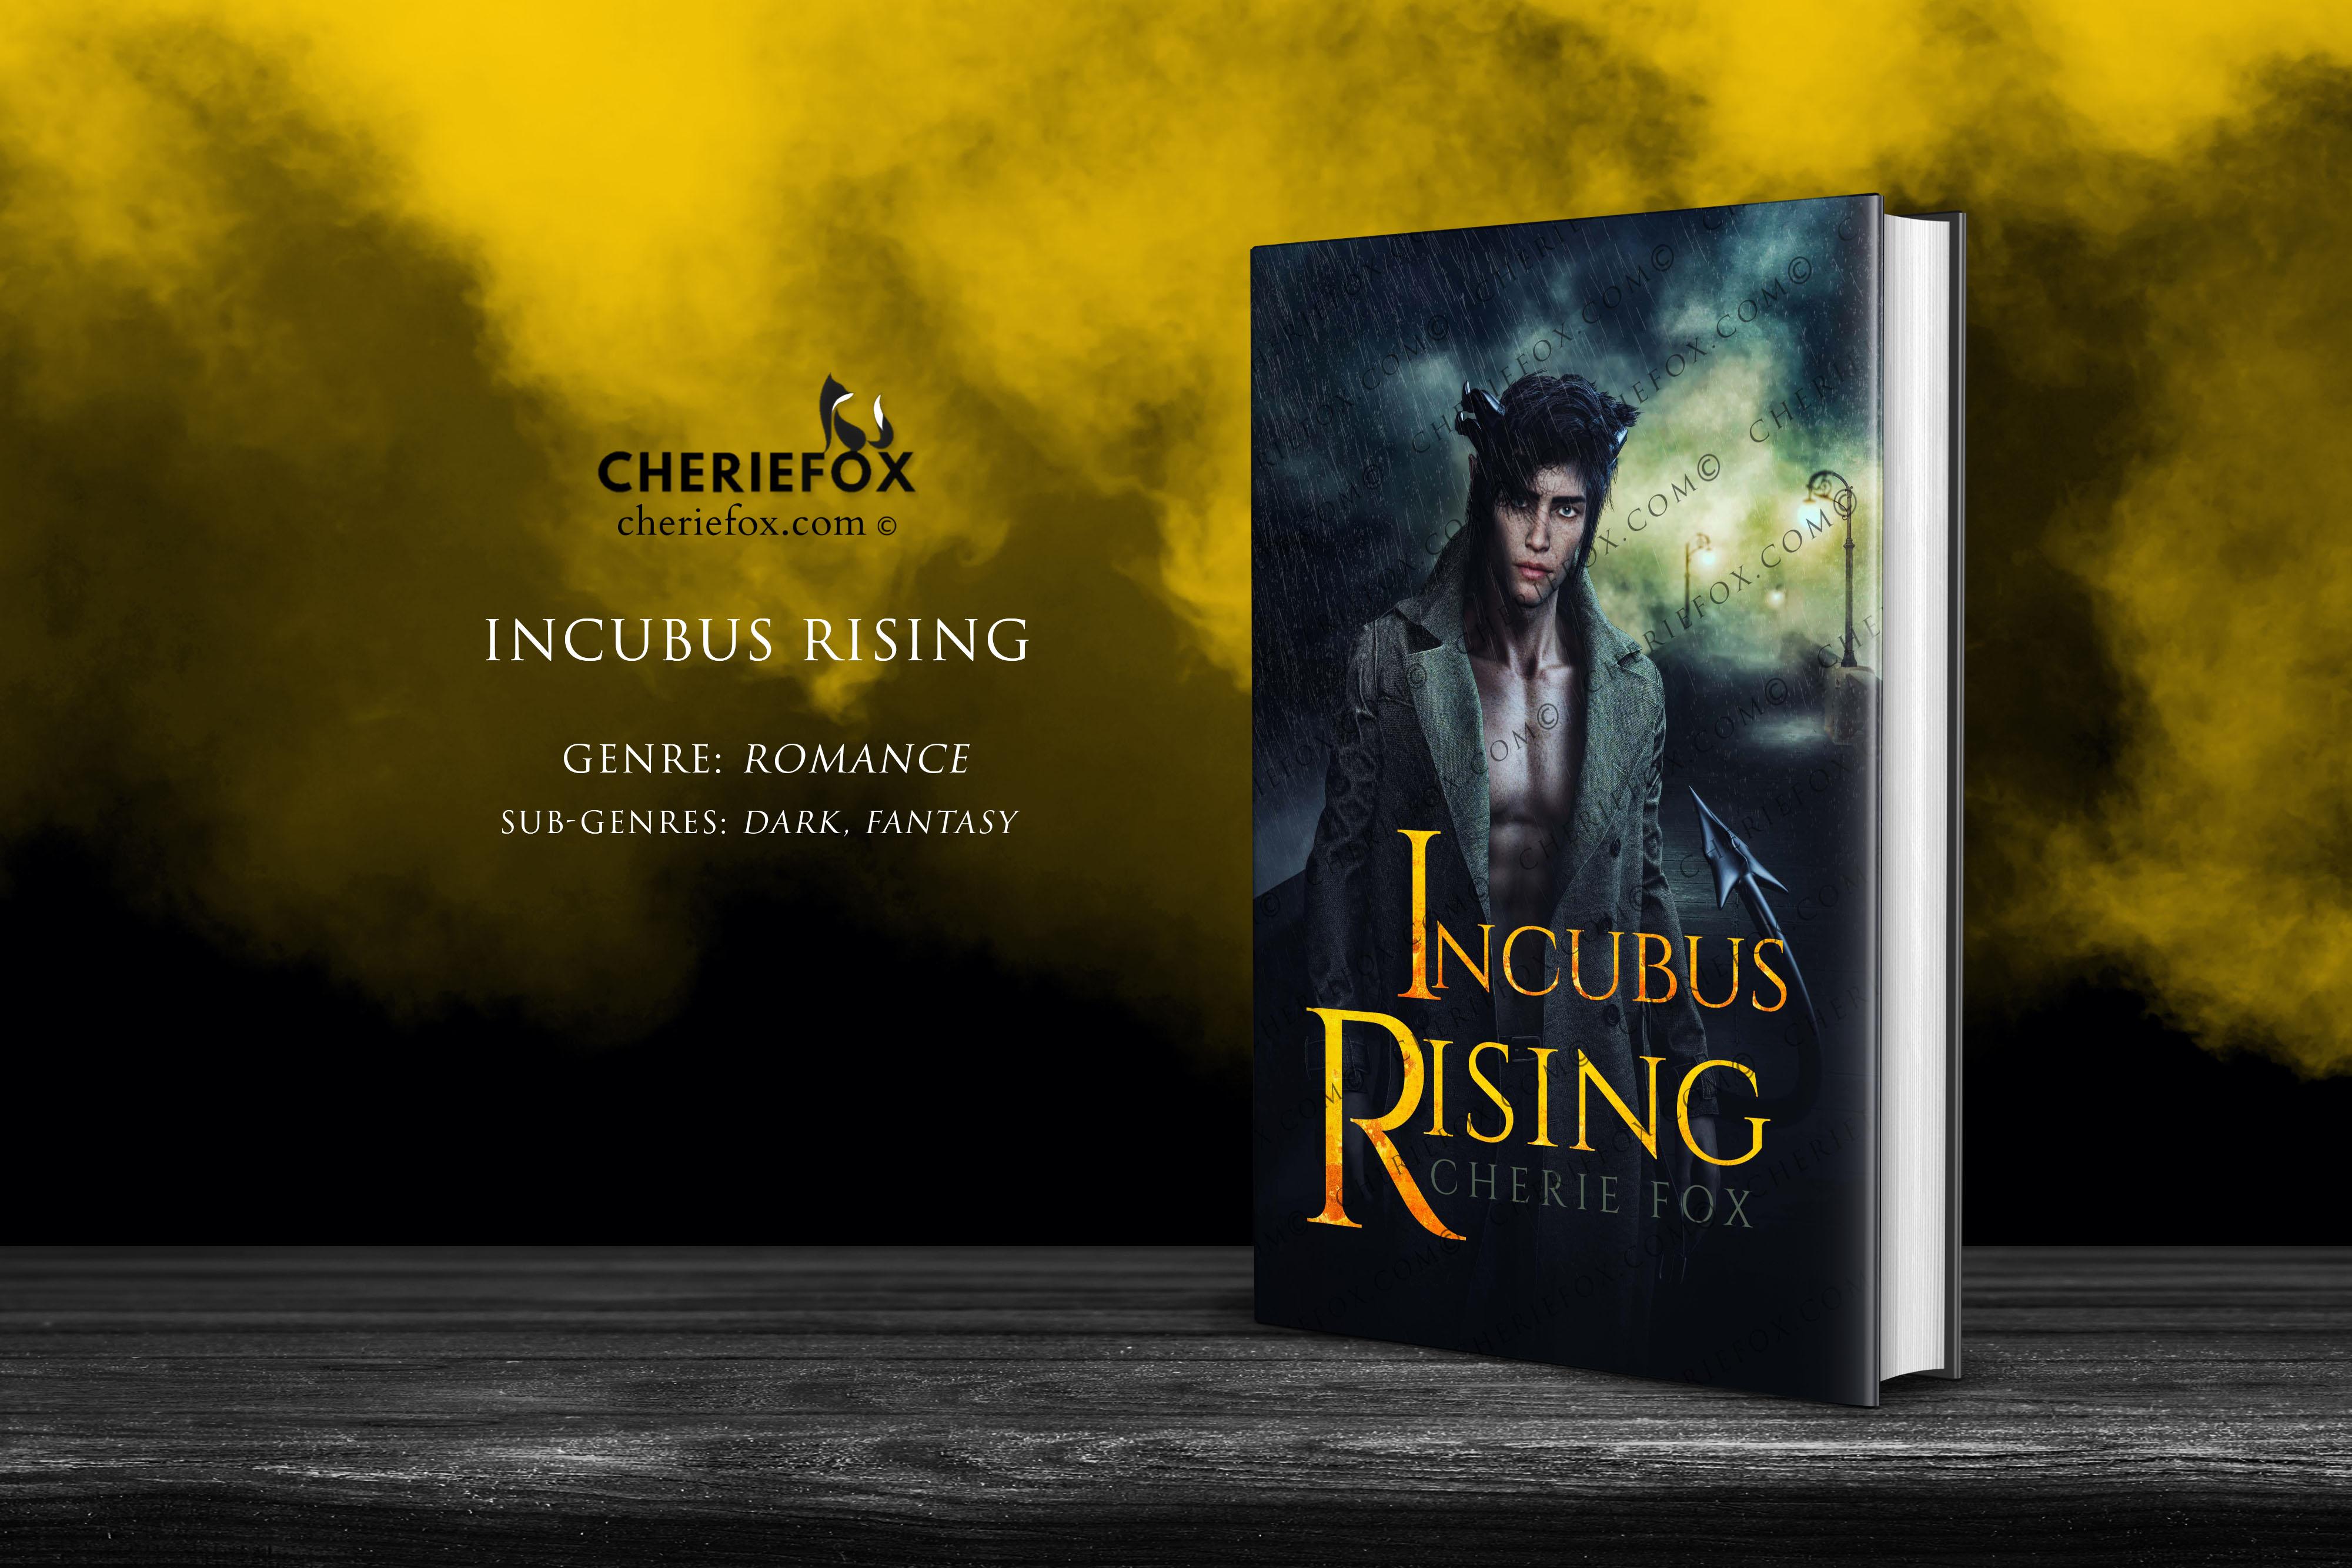 Incubus Rising